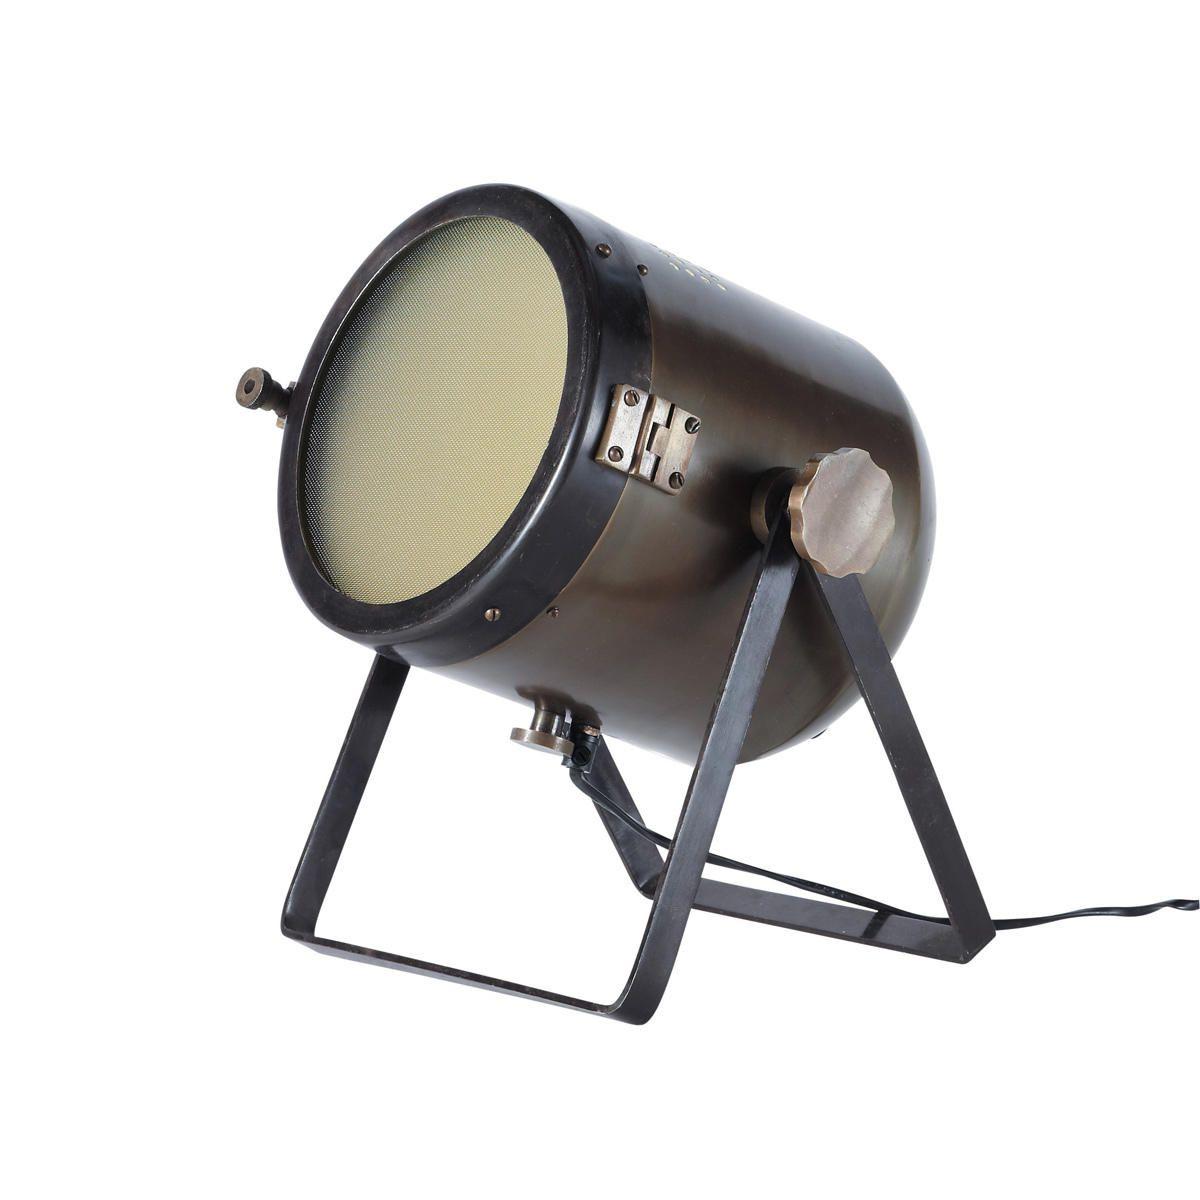 lampe projecteur orientable en m tal et verre bronze h 31 cm ewen futur appartement. Black Bedroom Furniture Sets. Home Design Ideas